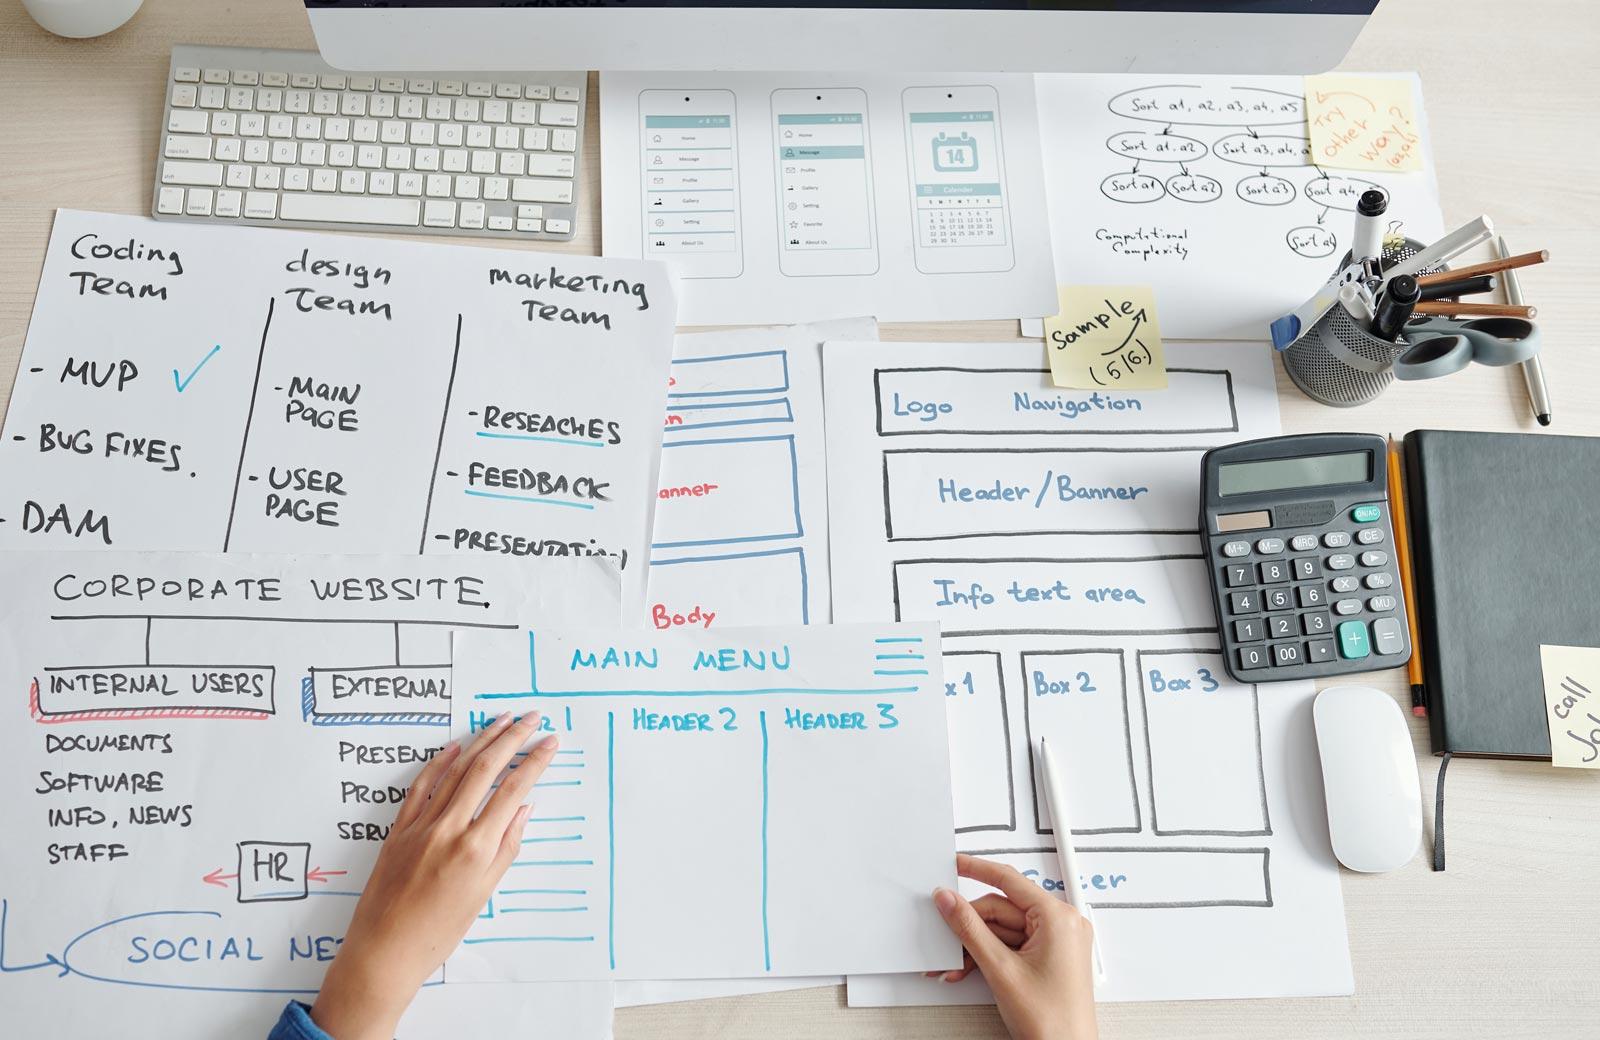 elementos imprescindibles de una web corporativa